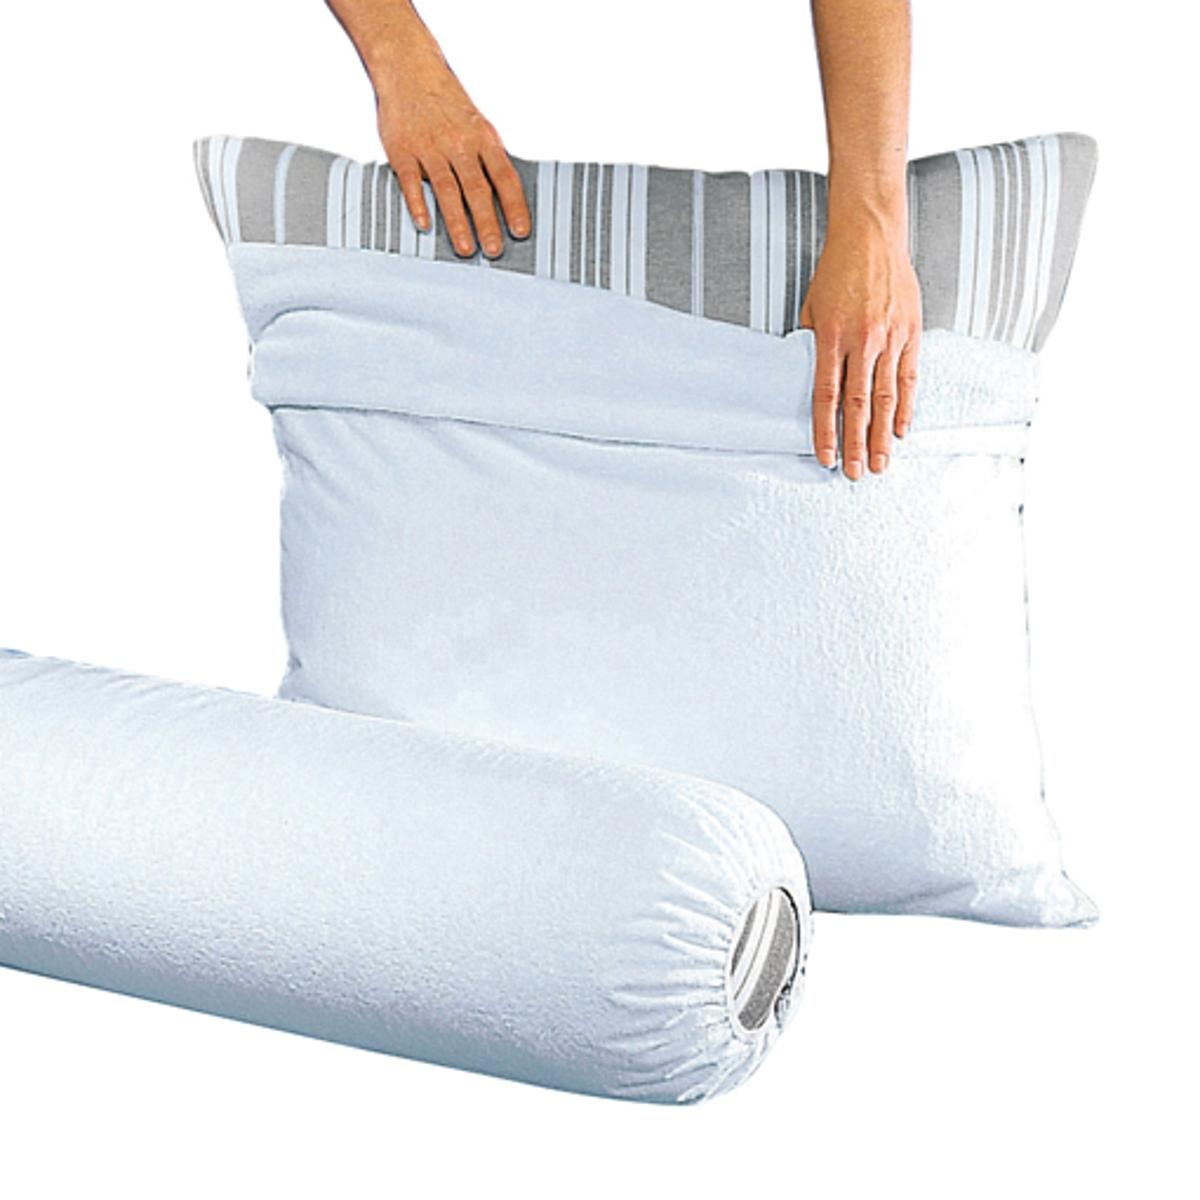 Чехол защитный на подушку из махровой ткани 400 г/м?, с пропиткой из ПВХЗащитный чехол на подушку из мягкой, прочной и нежной махровой ткани букле с пропиткой из непромокаемого ПВХ и безфталатной обработкой SANITIZED против бактерий и плесени.Материал: 80% хлопка, 20% полиэстера, плотность 400 г/м?.Изделие с биоцидной обработкой.Машинная стирка при 95 °С.<br><br>Цвет: белый